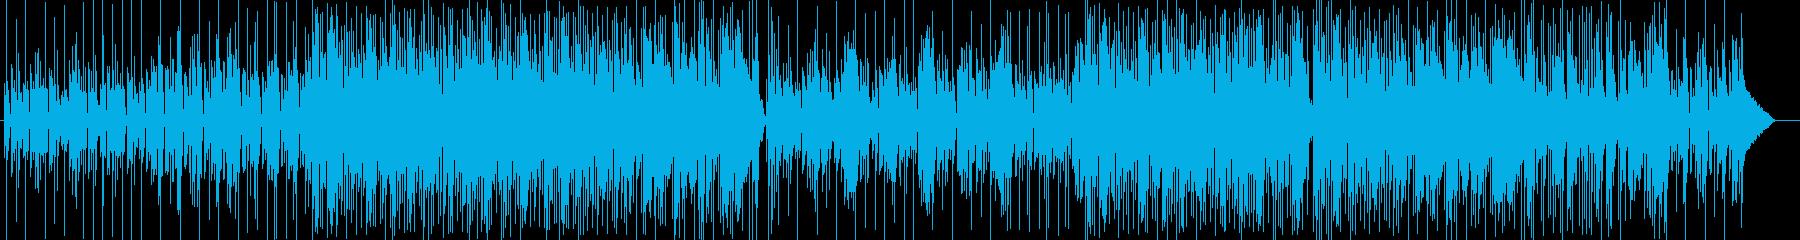 落ち付いたメロディーの安定感あるポップスの再生済みの波形